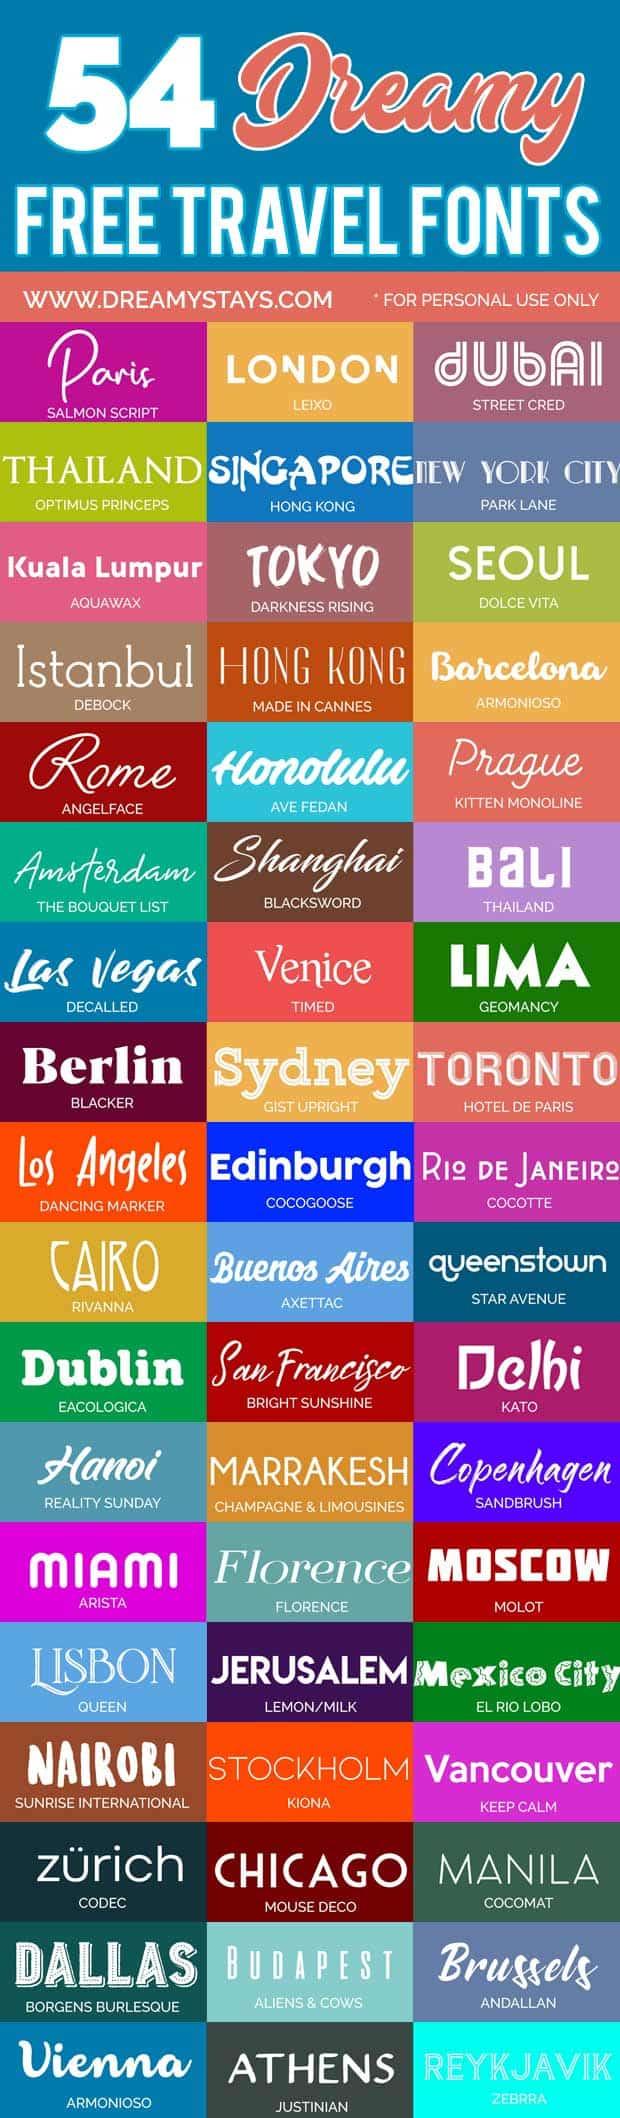 50+ Free Travel Fonts! #travel #fonts #cricut #travelfont